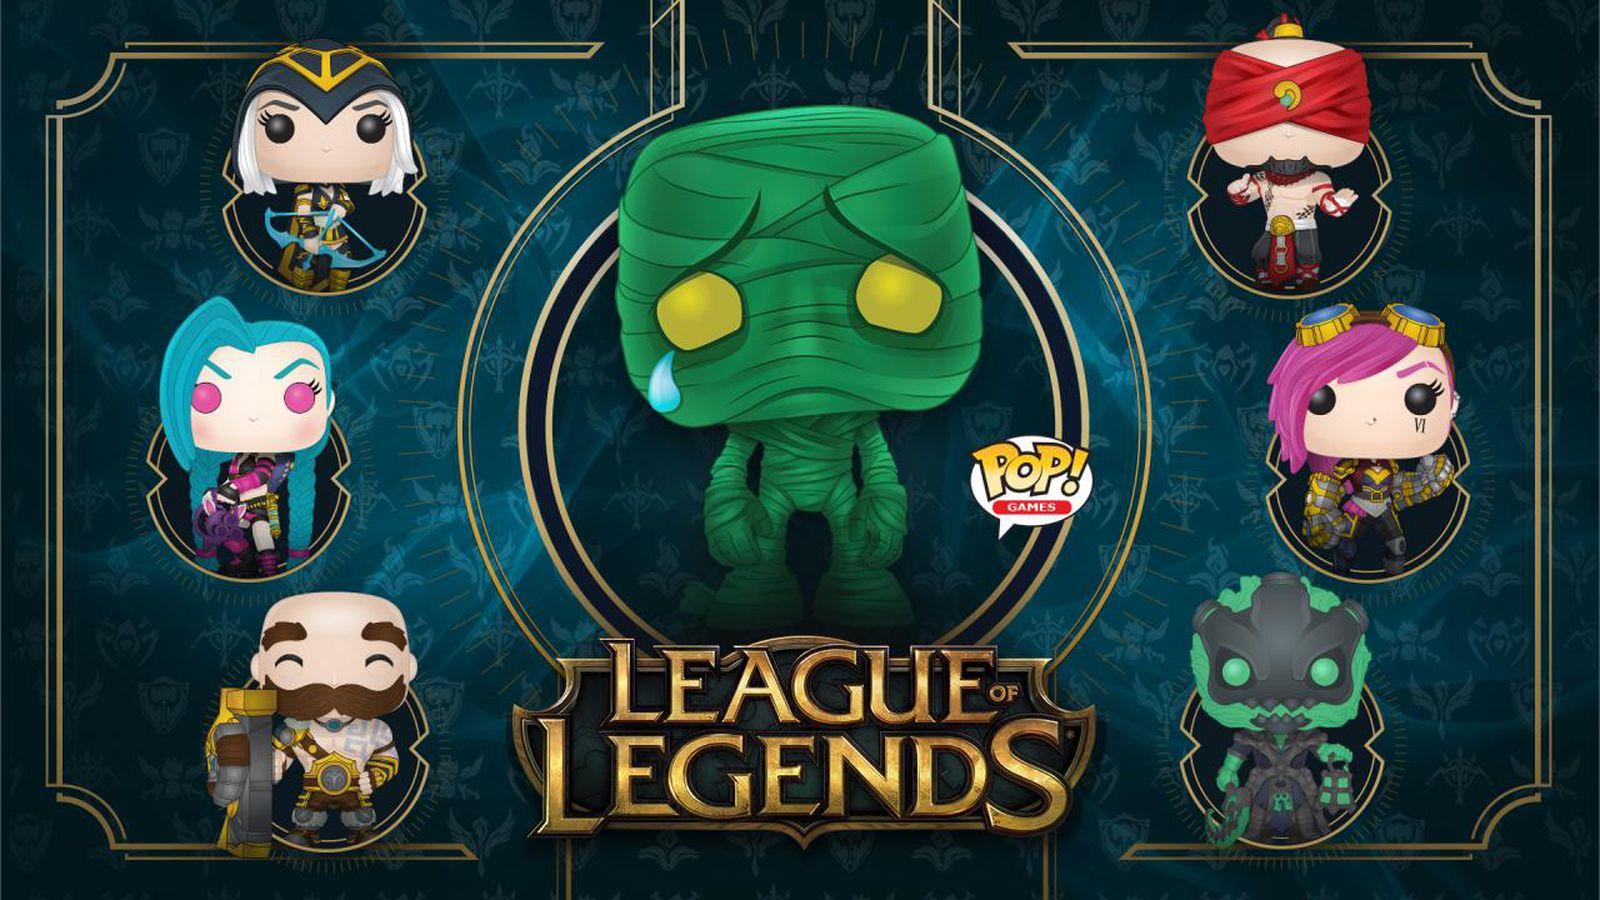 New League Of Legends Pop Vinyl Figures Include Jinx Vi